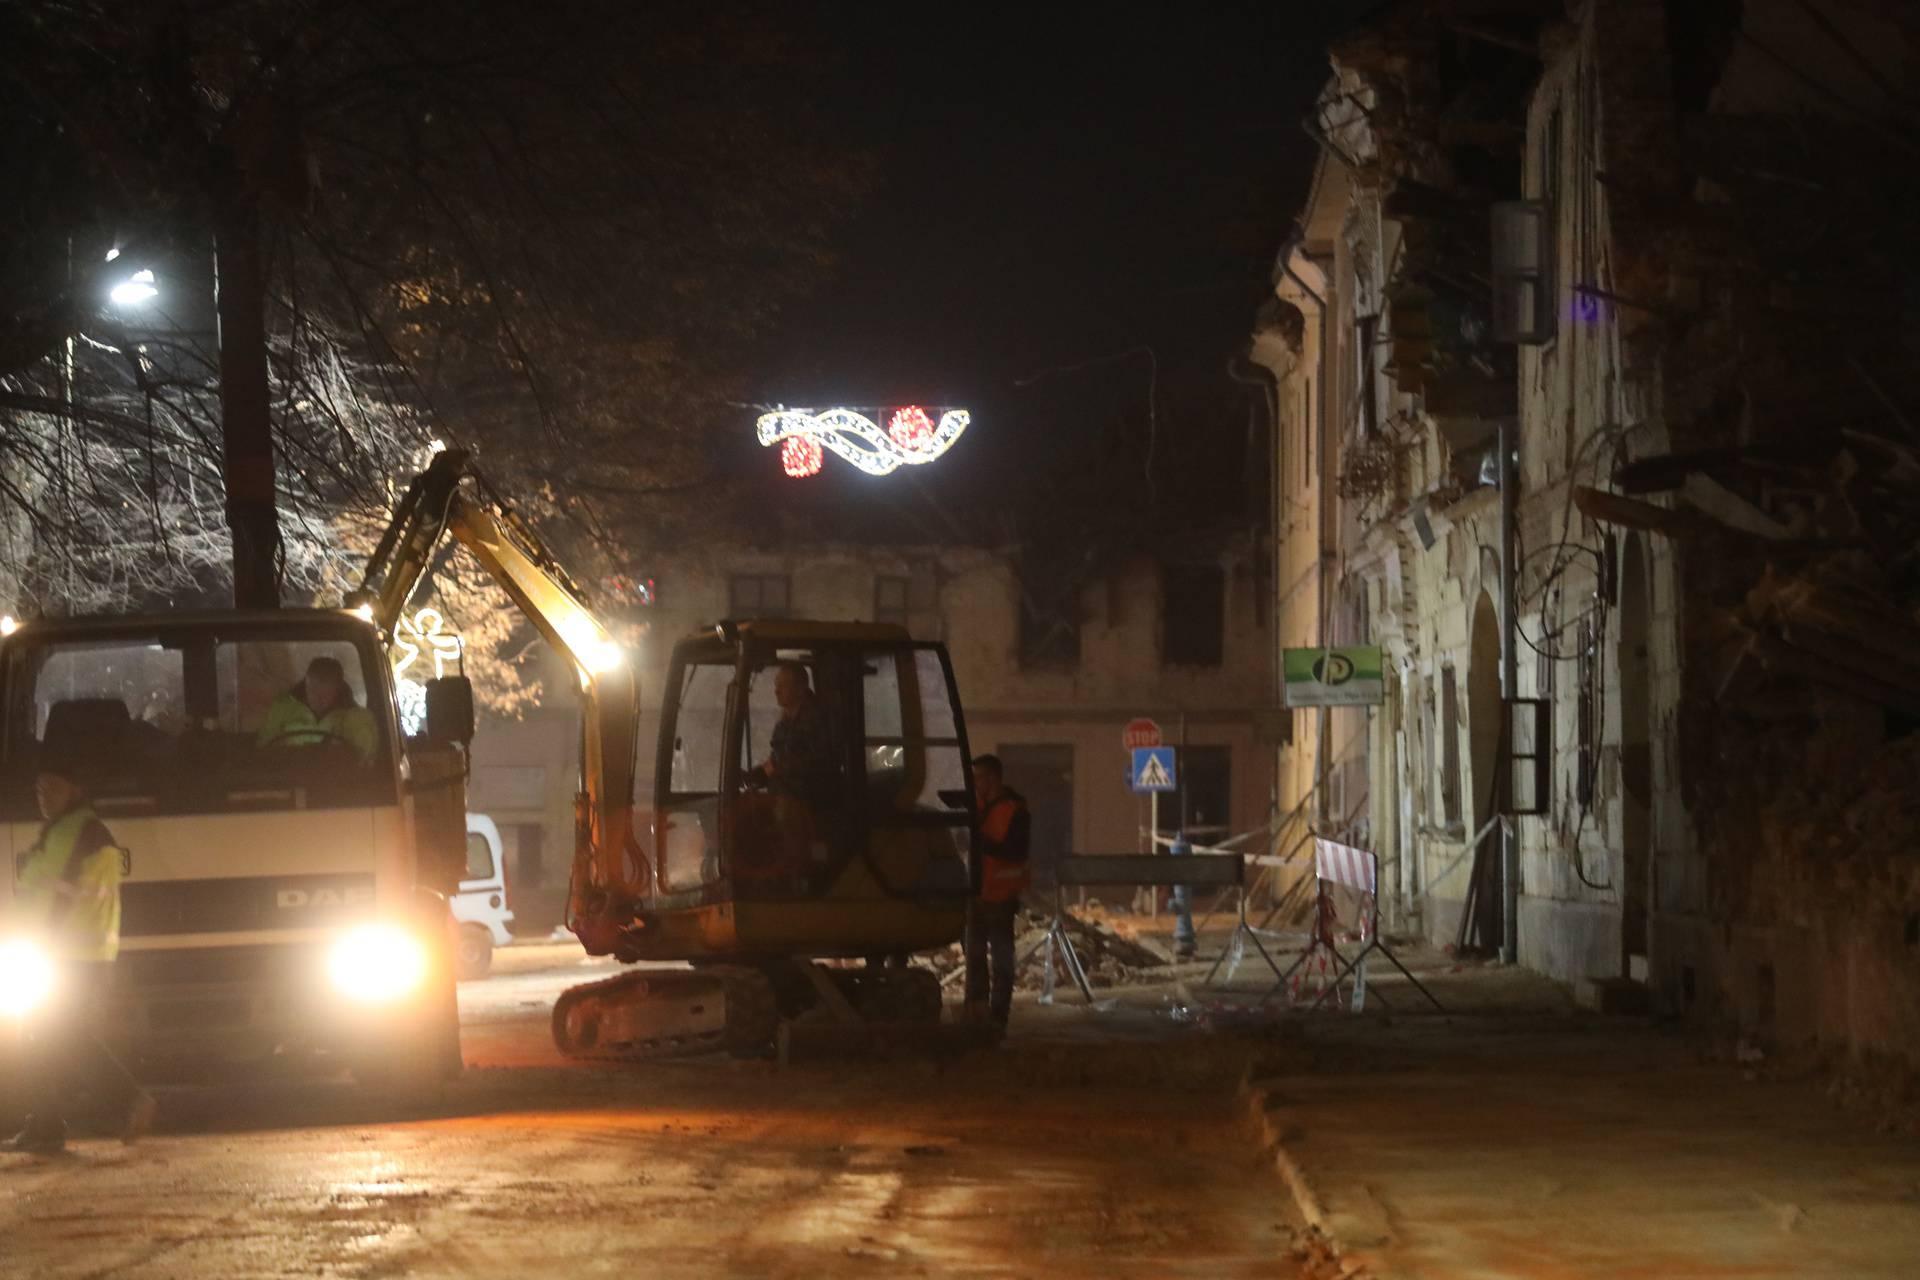 Puste ulice Petrinje s tek ponekim stanovnikom koji uklanja ruševine s ceste